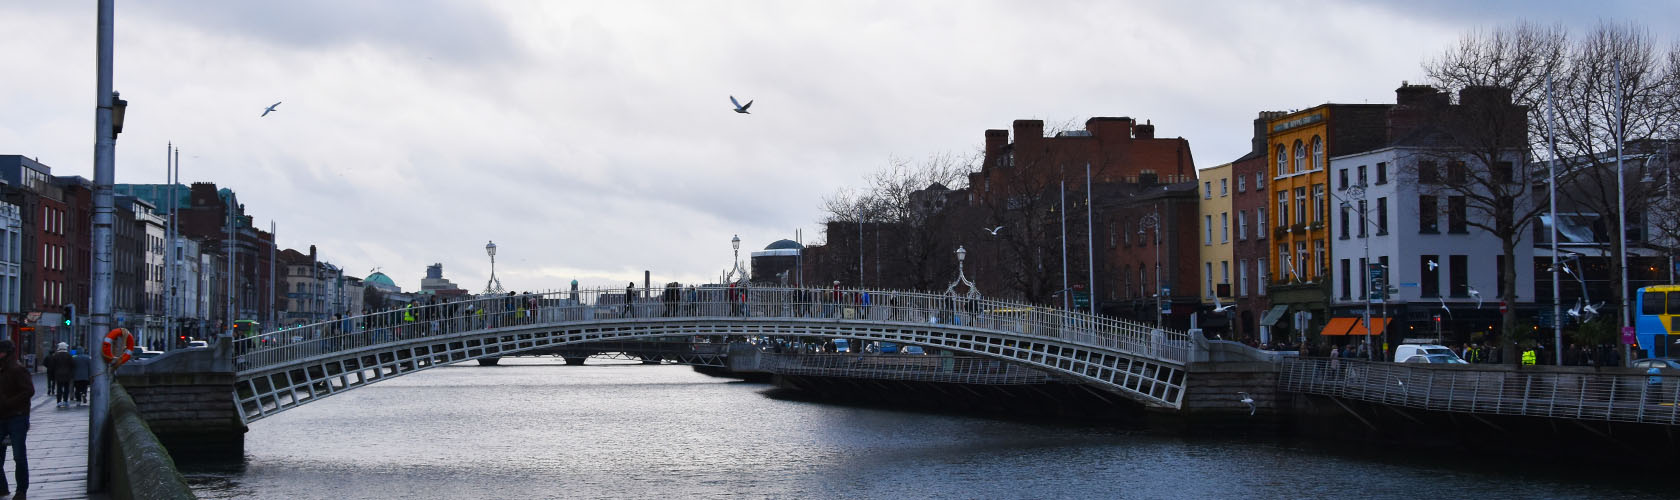 Stedentrip naar Dublin